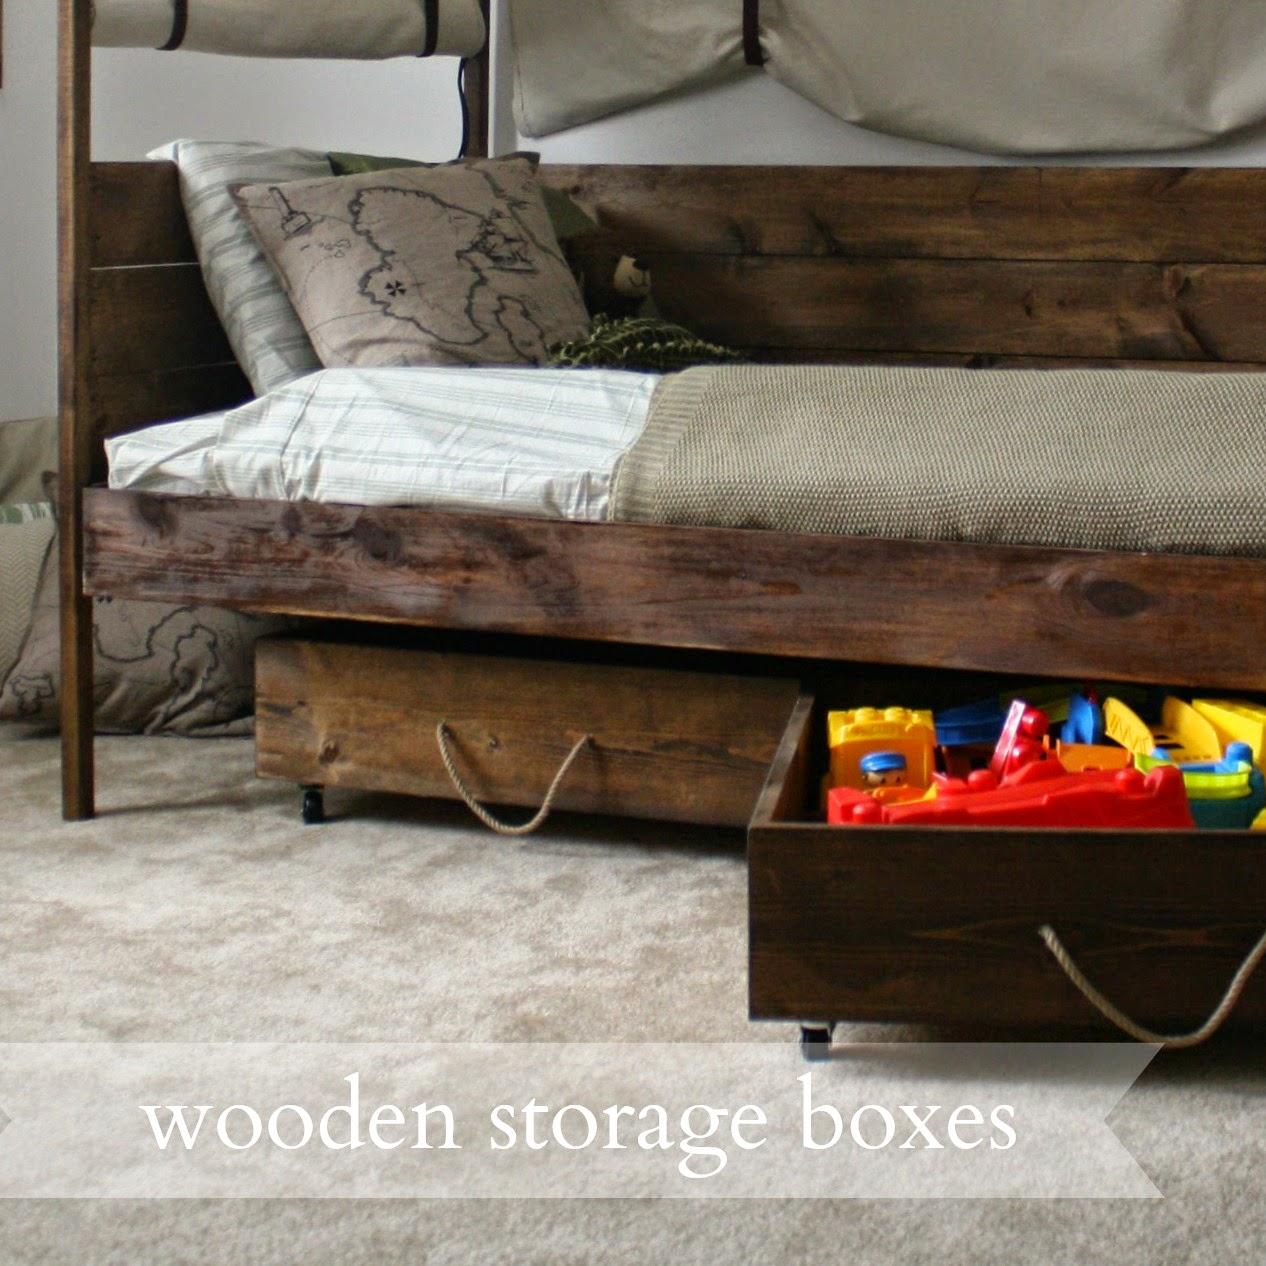 http://www.livealittlewilderblog.com/2015/03/wooden-storage-boxes-tutorial.html